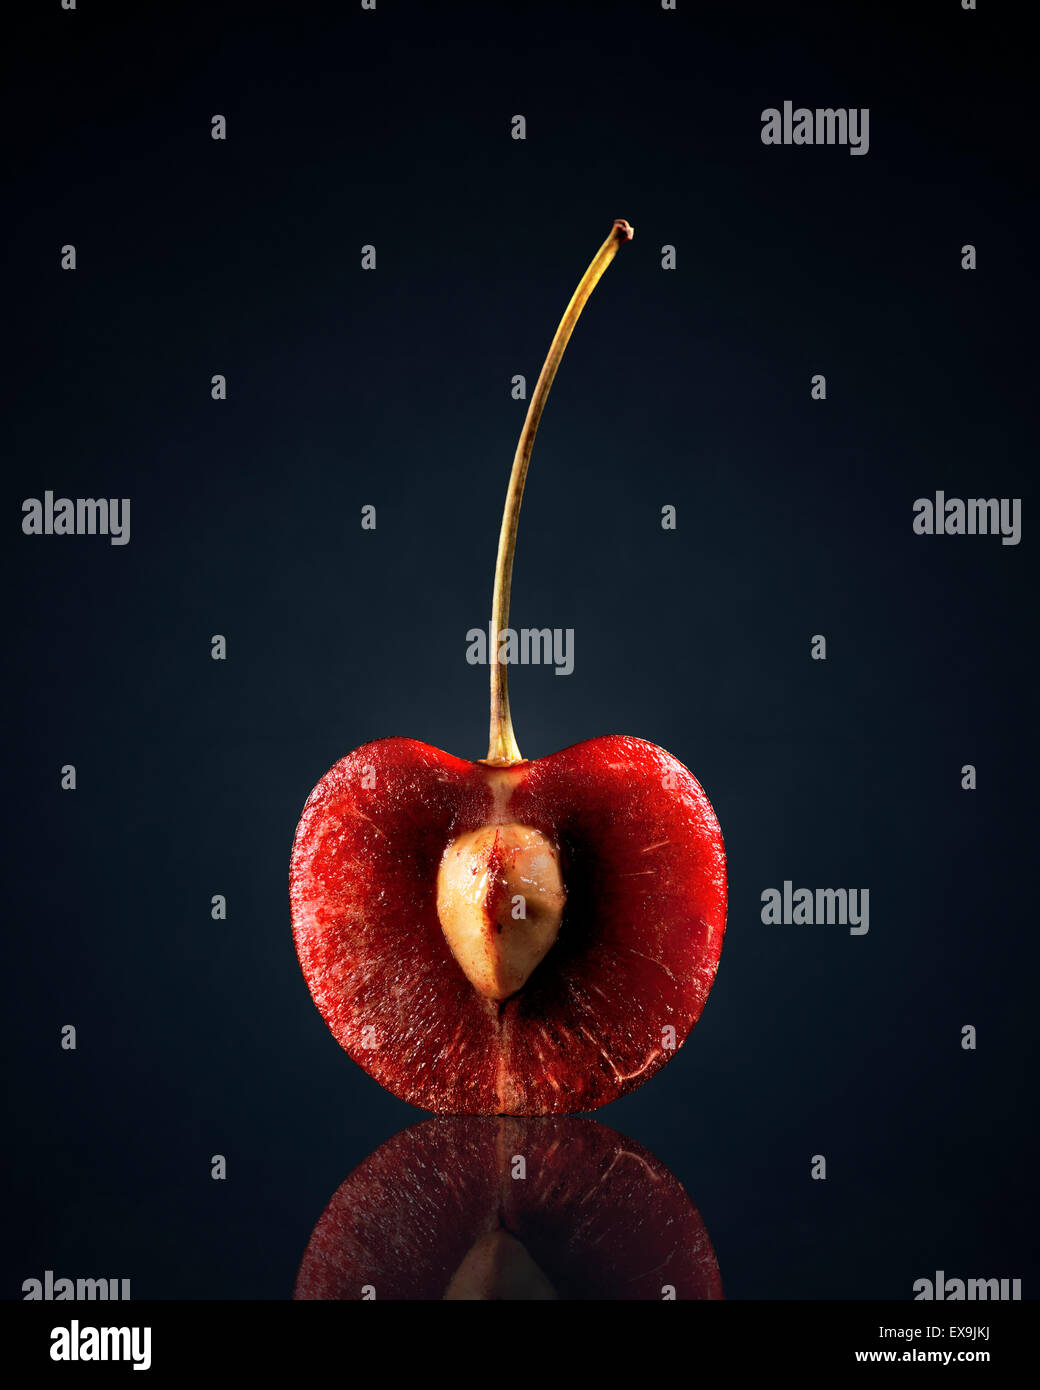 Red Cherry (la mitad) con una reflexión sobre fondo oscuro Foto de stock